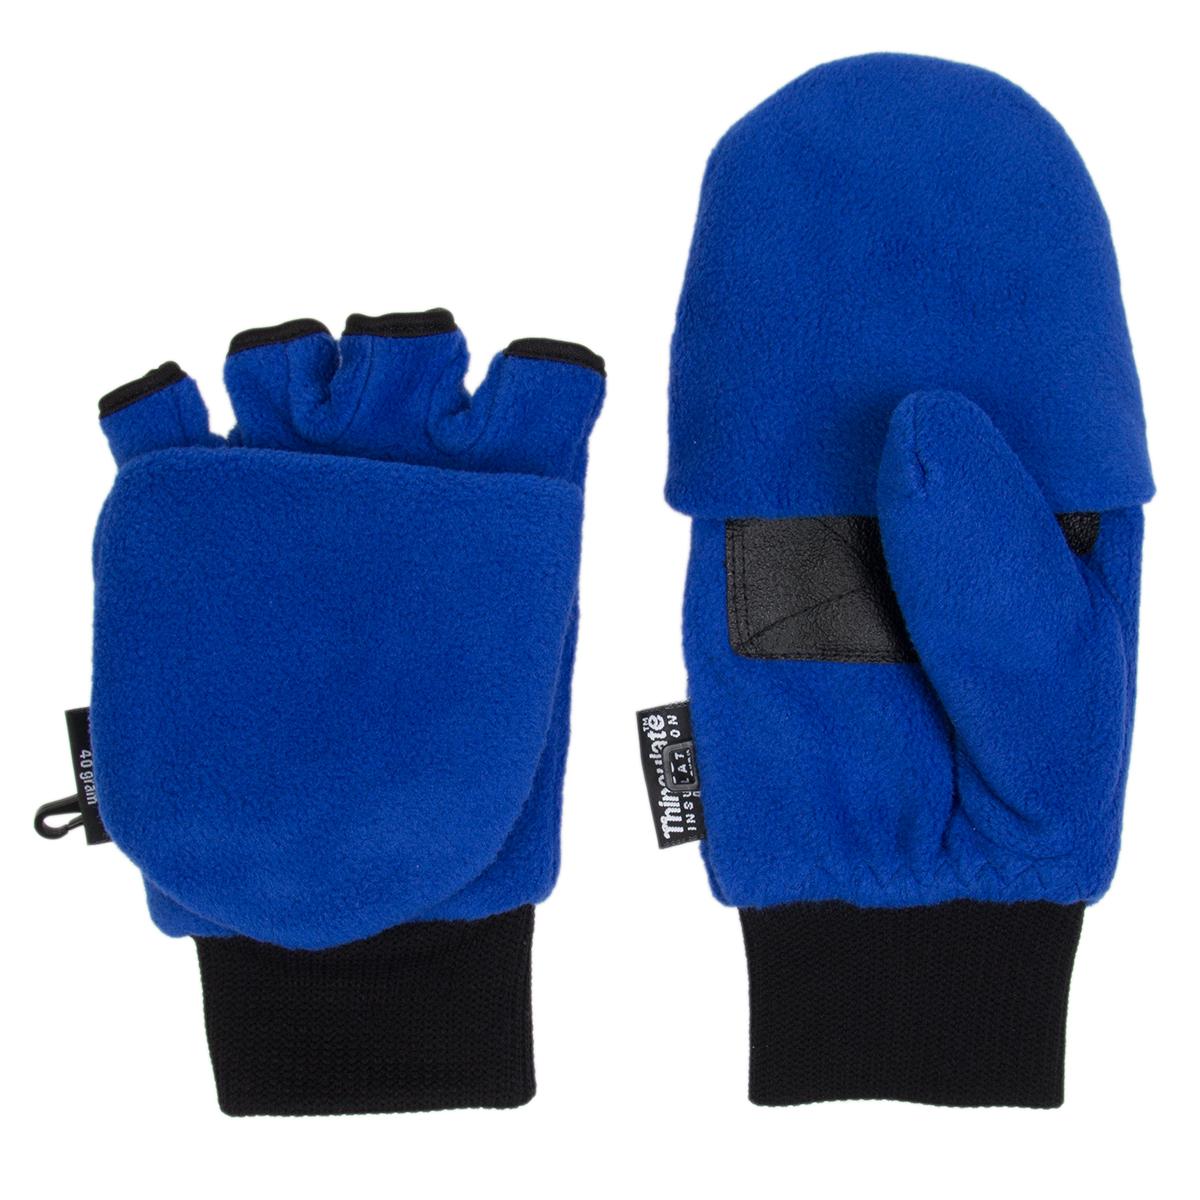 Fingerless driving gloves ebay - 3m Thinsulate Fleece Pop Top Convertible Fingerless Gloves